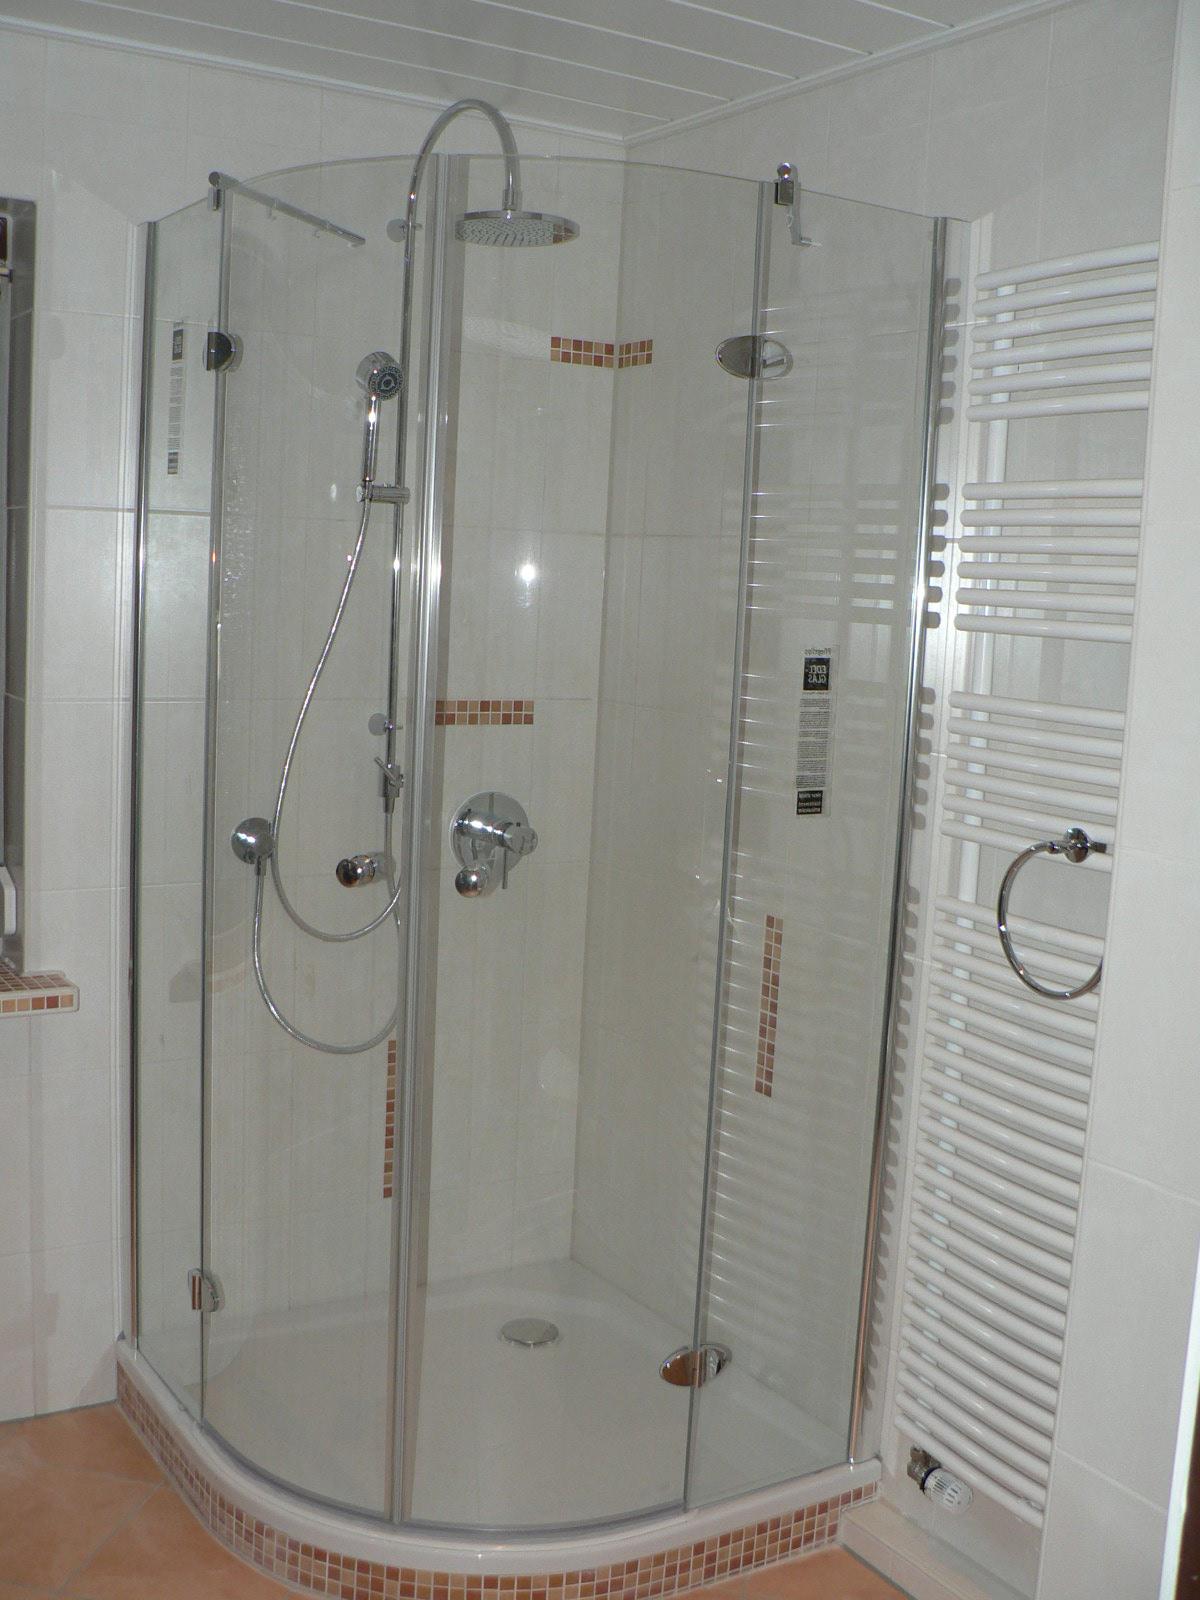 Gerd nolte heizung sanit r freundliches bad mit for Badezimmer dusche